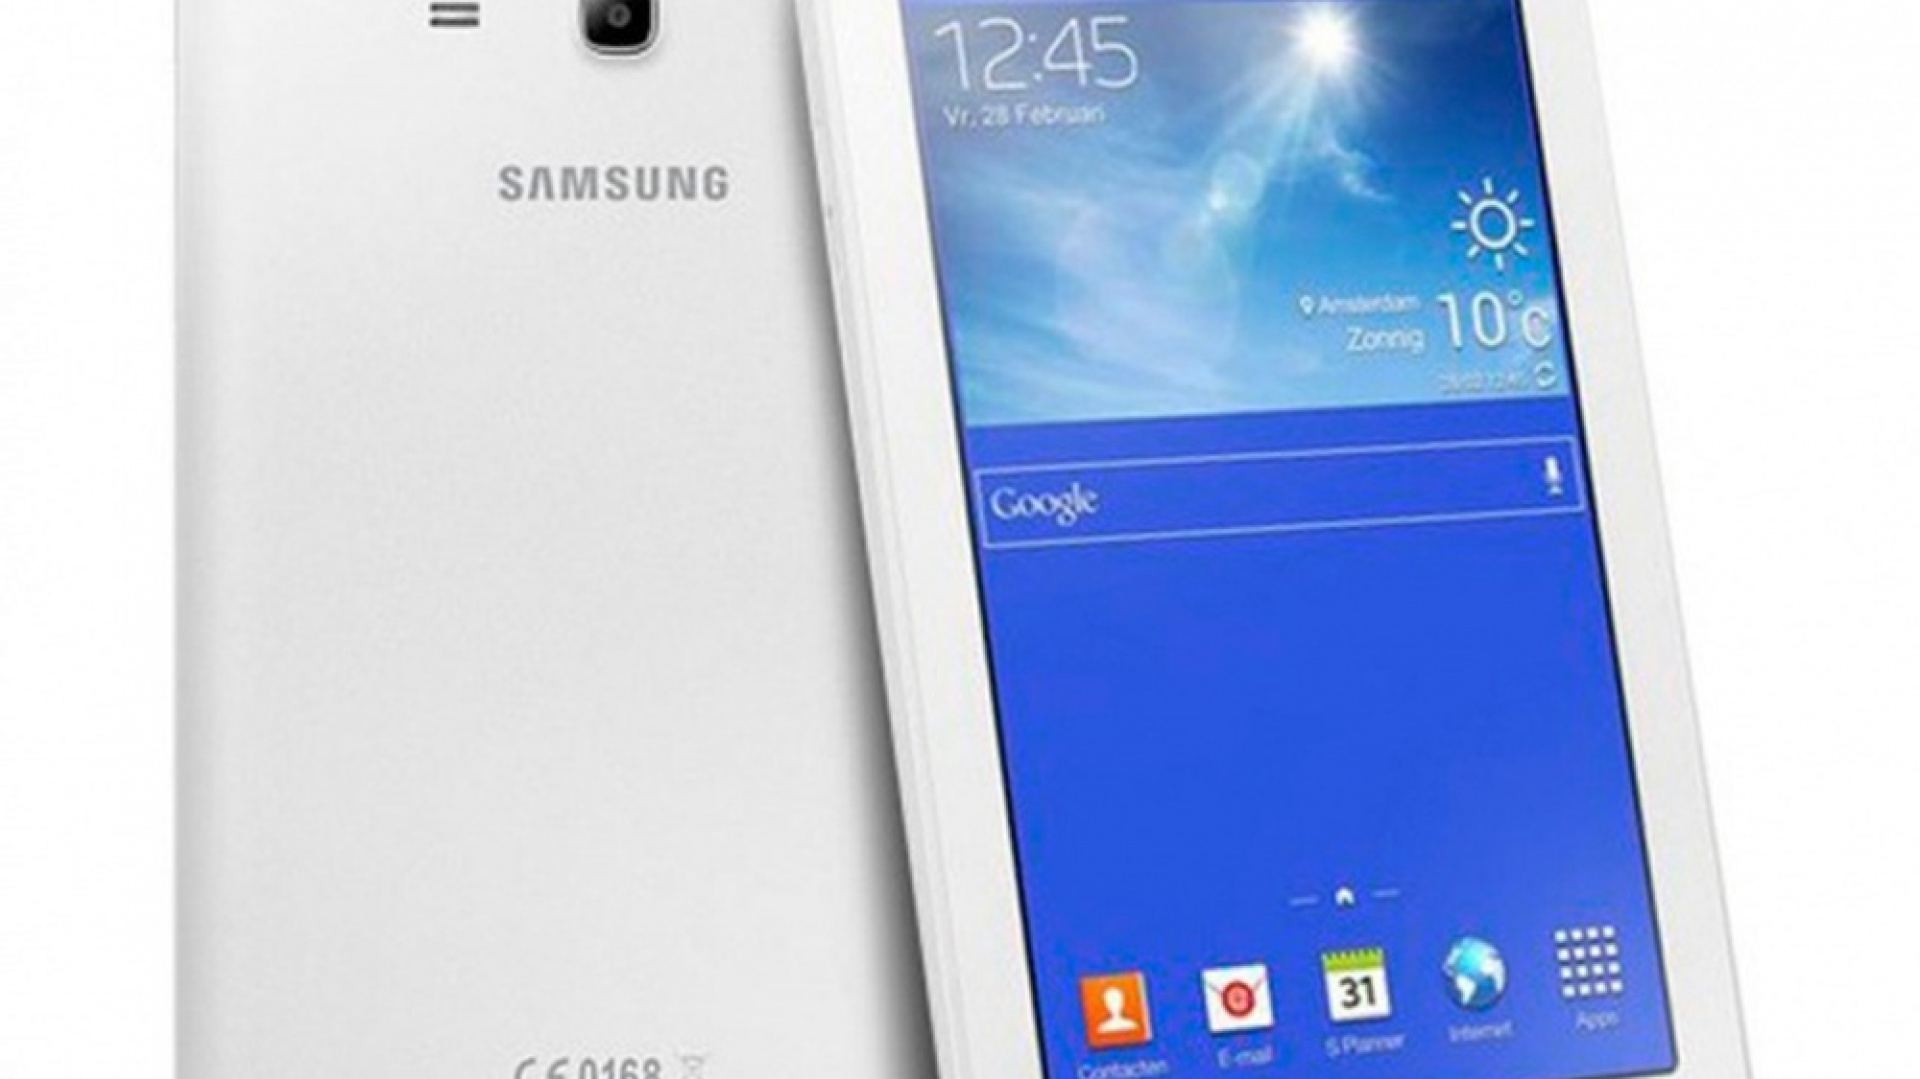 Nagrodę główną – tablet Samsung Galaxy Tab 3 Lite – otrzymuje Pani Ewa Serafin. Fot. Roca.